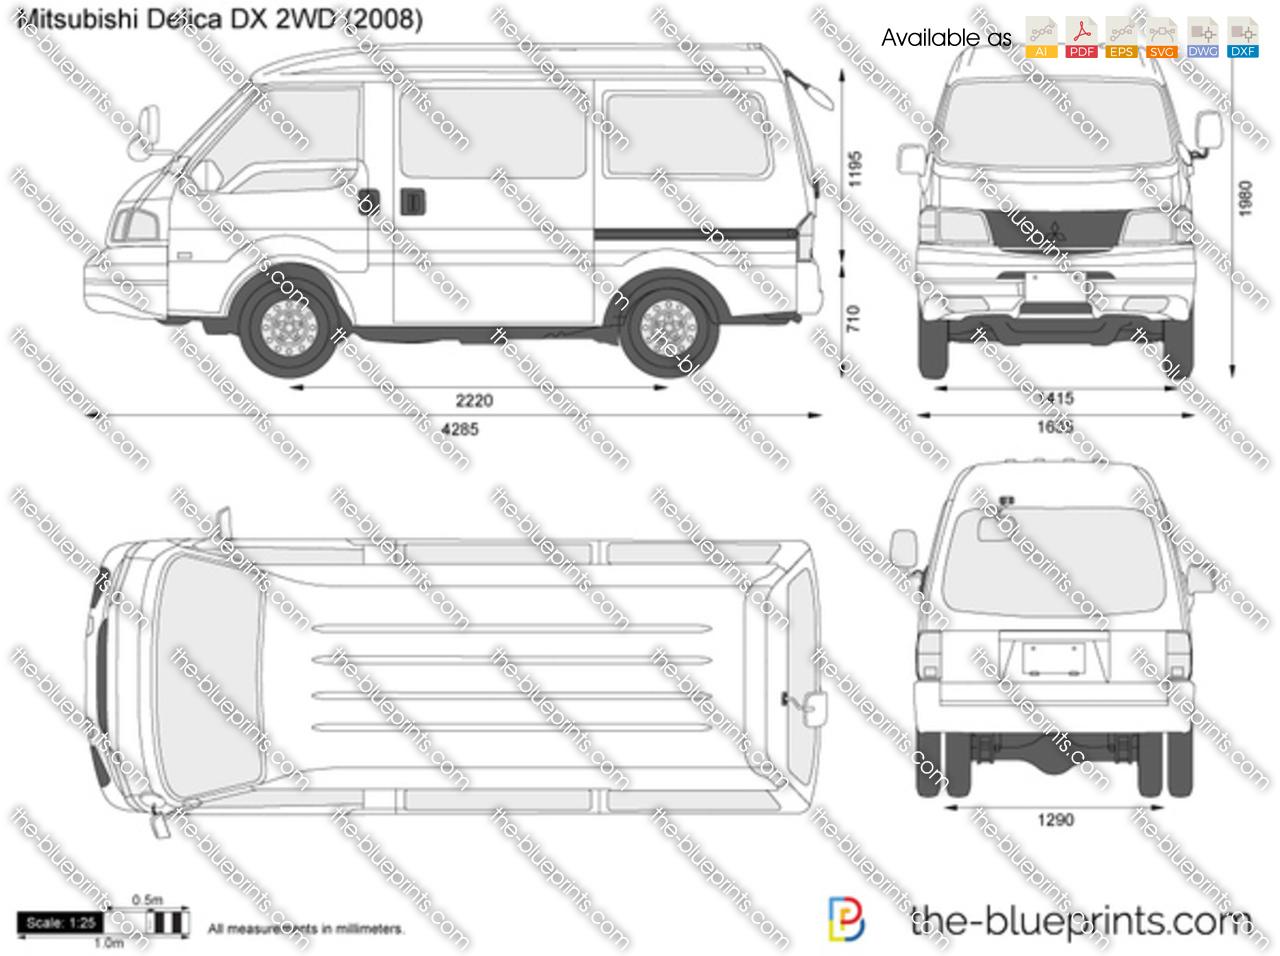 Mitsubishi Delica DX 2WD 1992